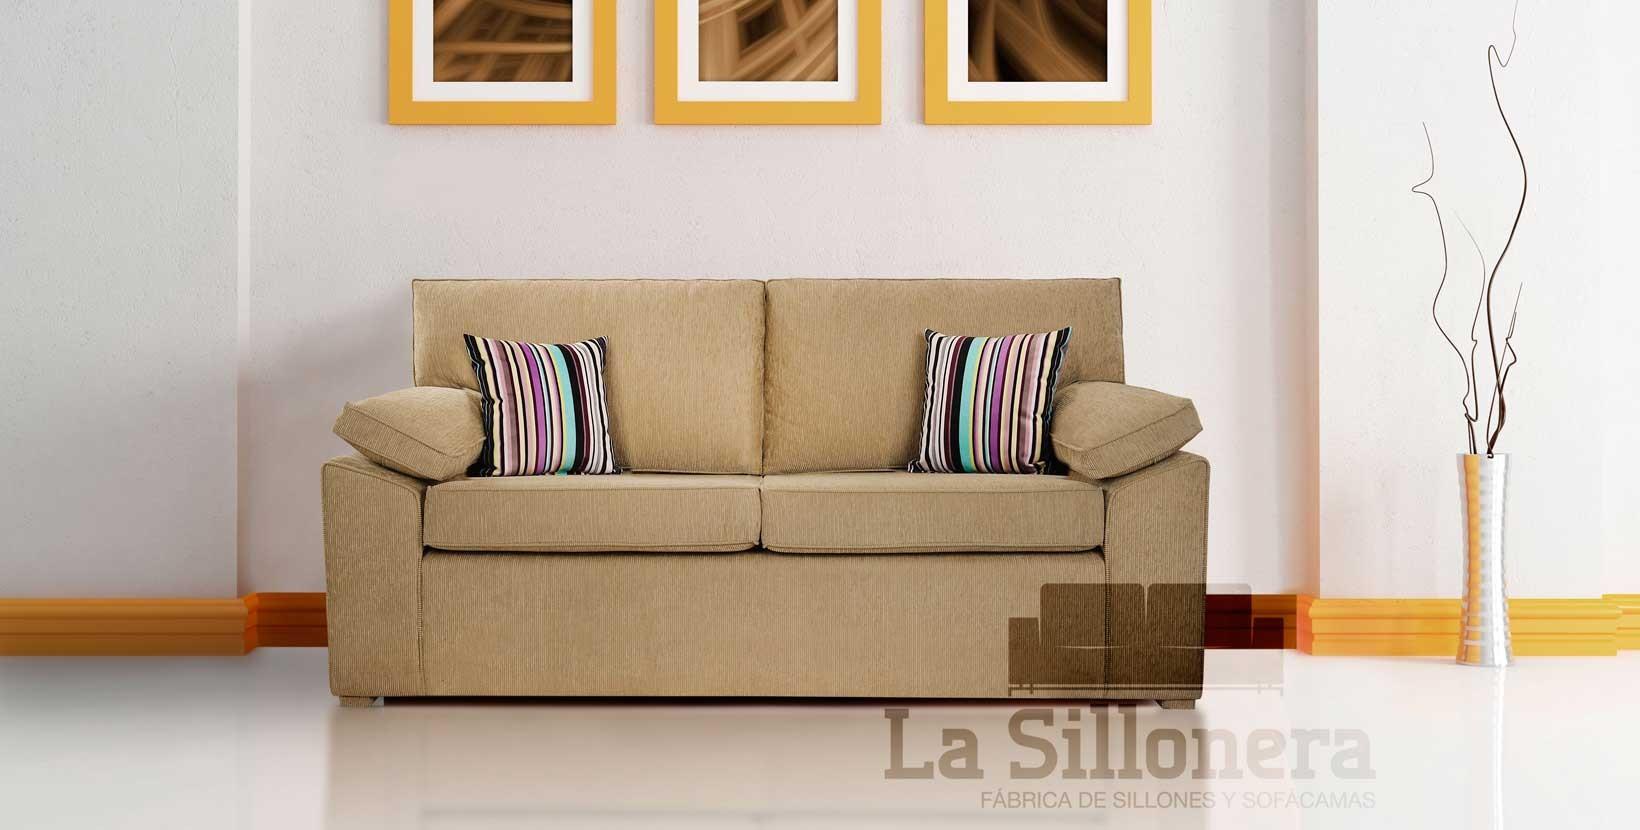 Sillon modelo italiano 2 y 3 cuerpos for Almohadones divan